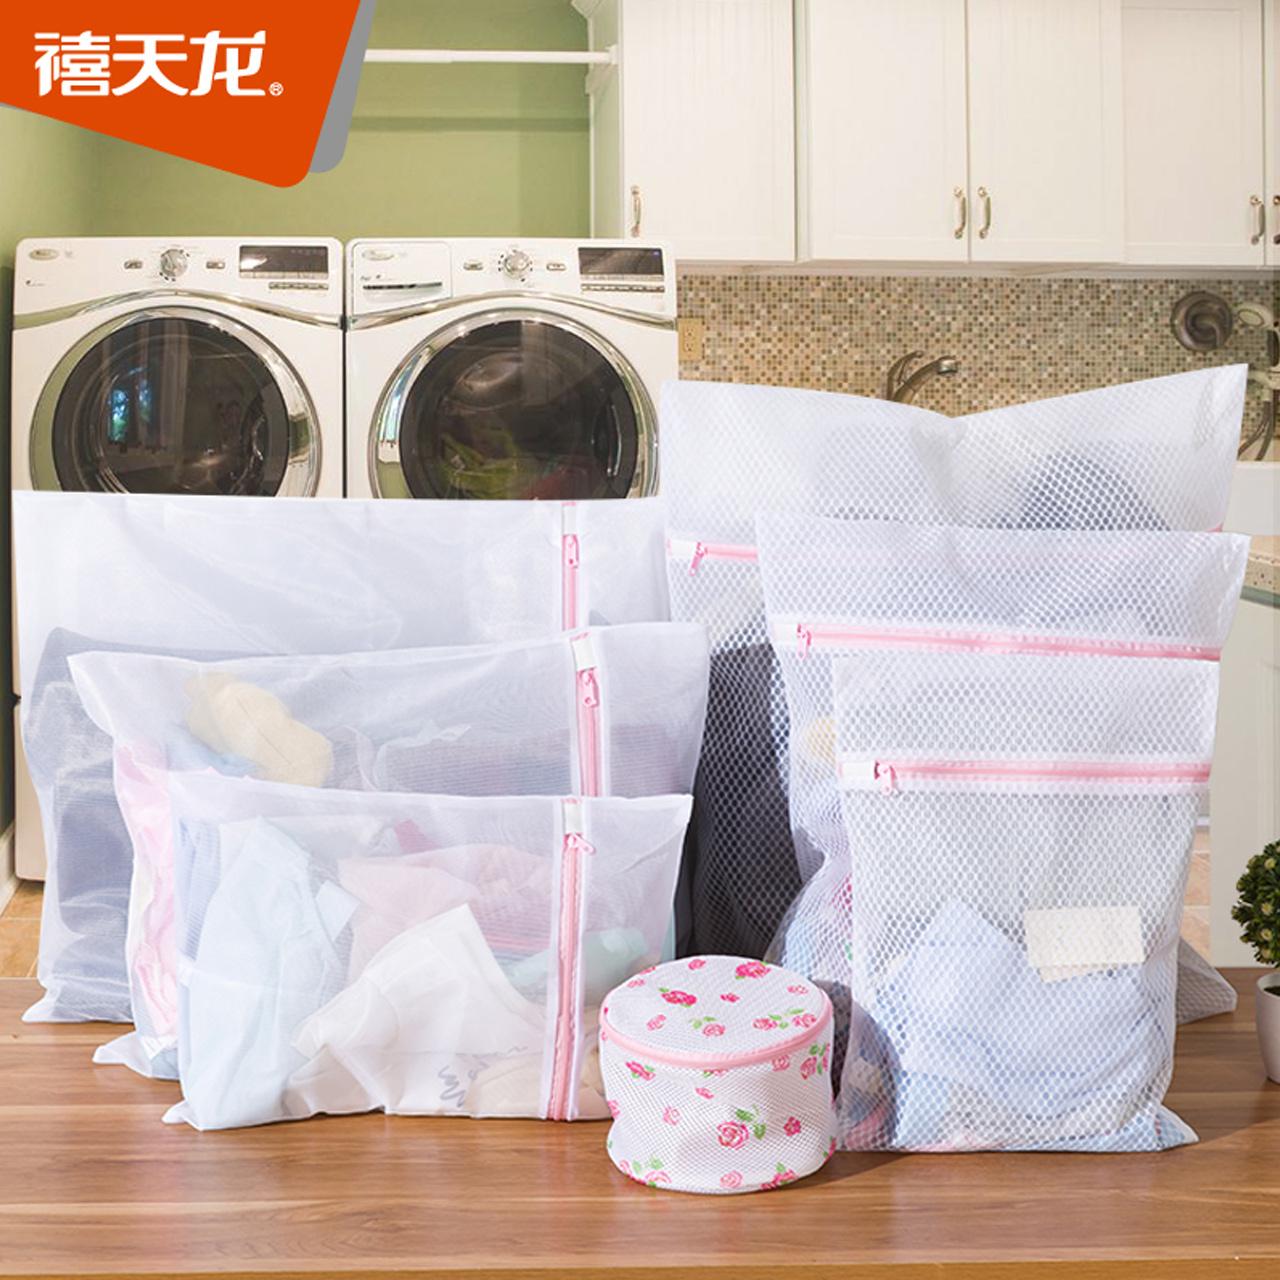 禧天龙 衣物护洗袋 7件套3元优惠券